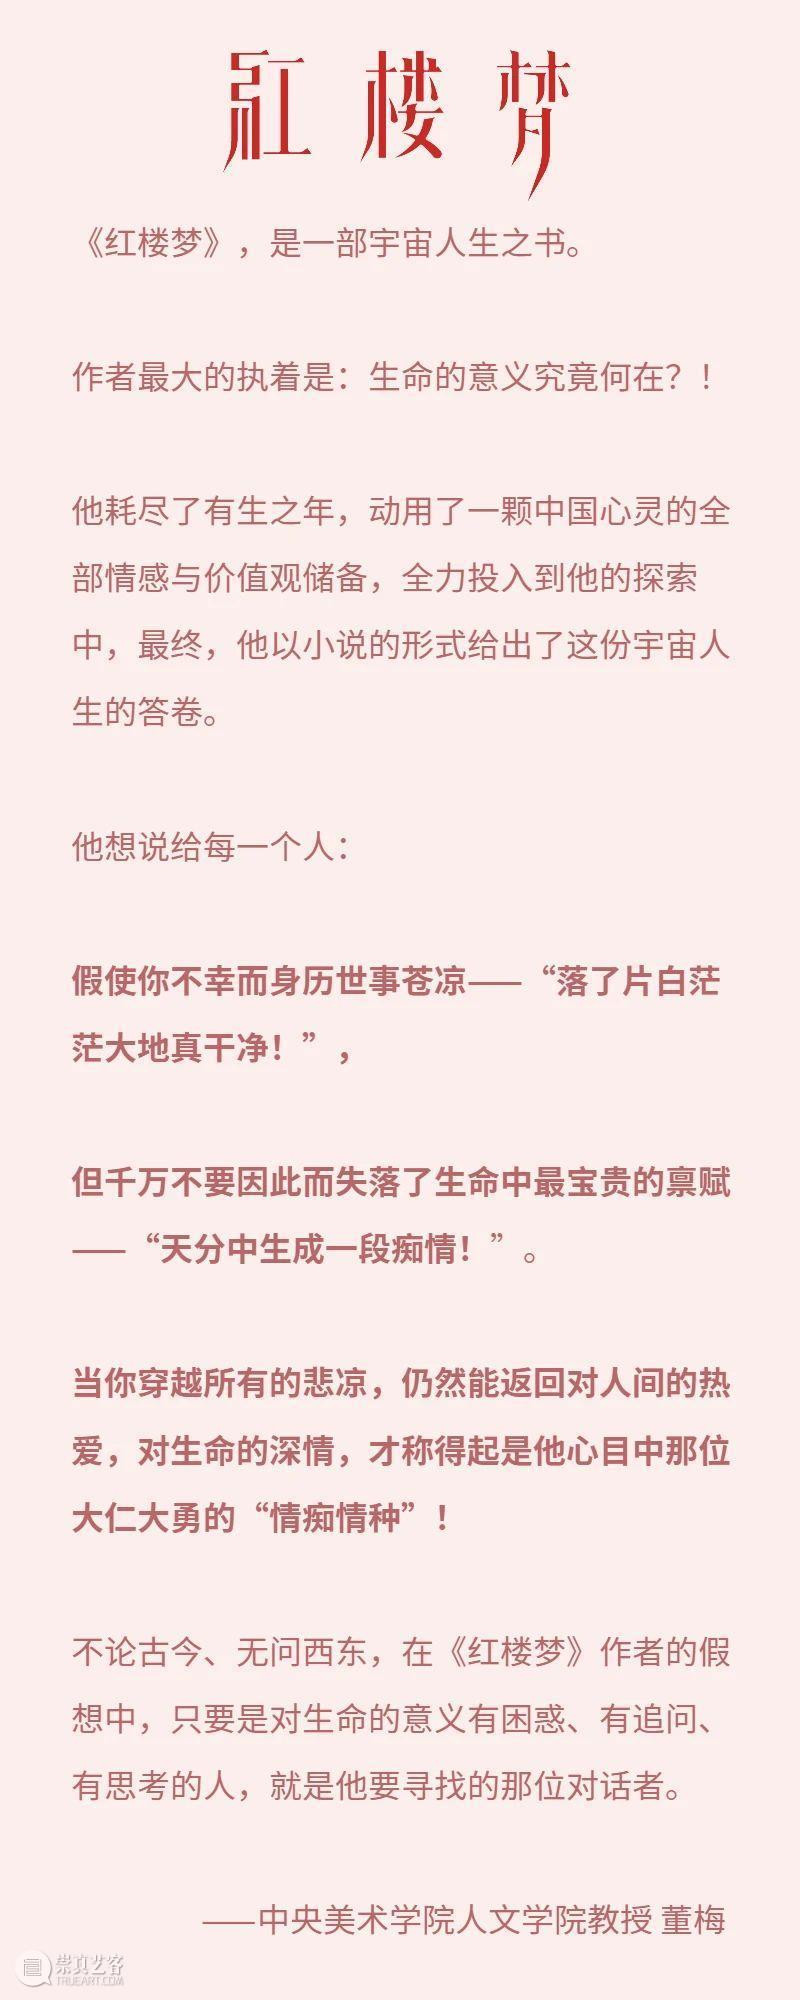 戏剧·对话 | 300多年之后,这一场与《红楼梦》的对话  上海话剧艺术中心 崇真艺客